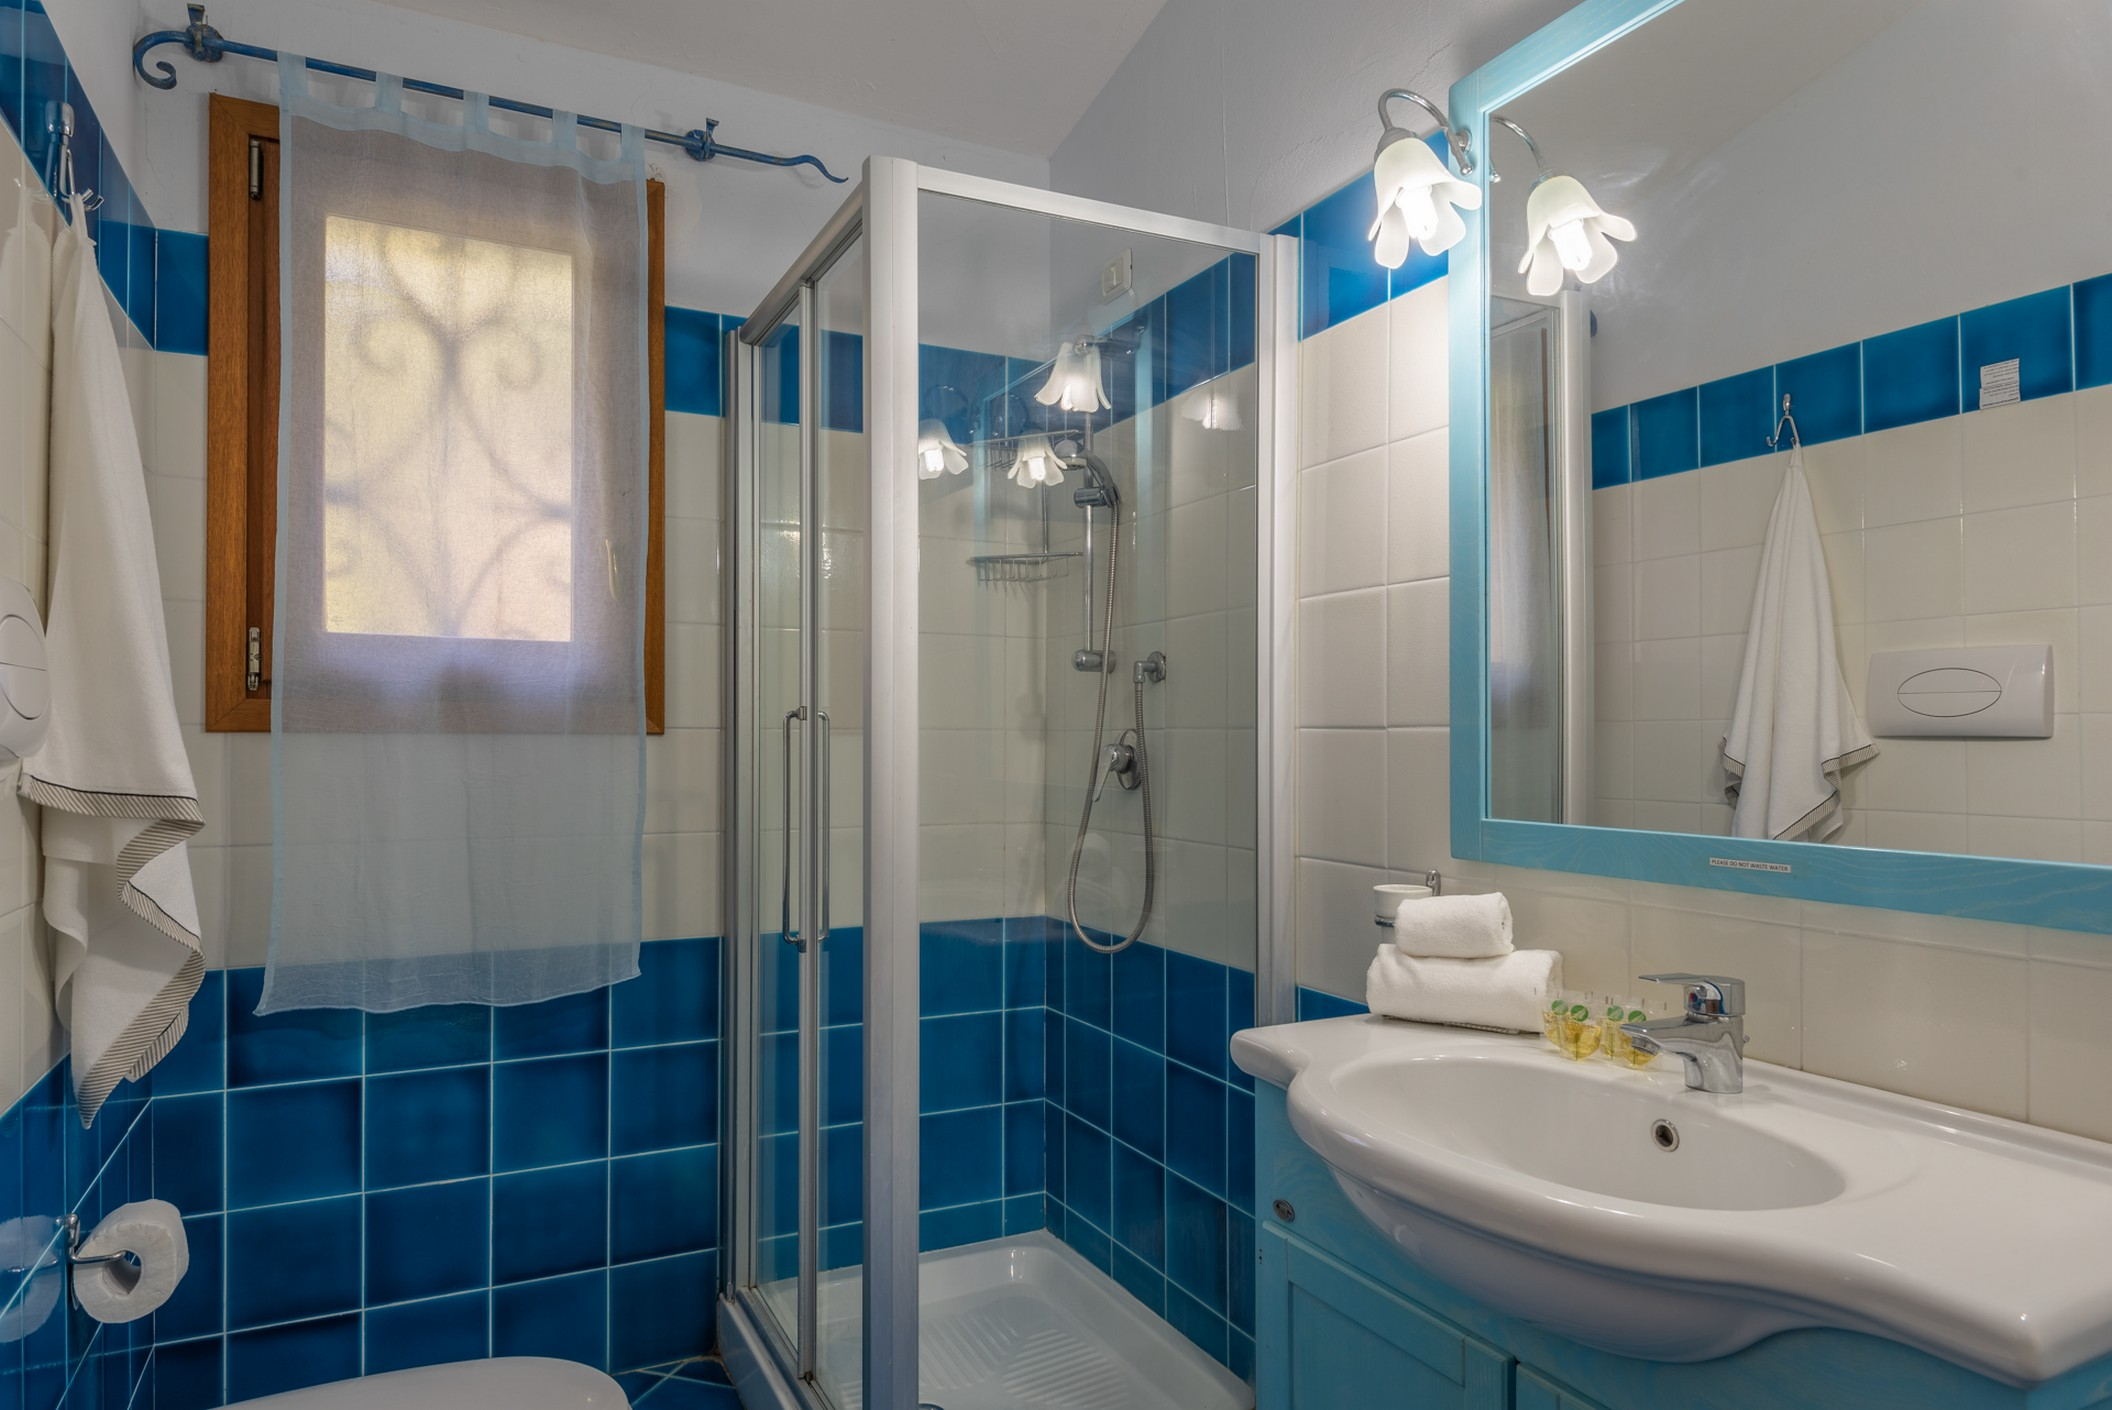 Residence bouganvillage budoni sardinia italy for Residence budoni 2